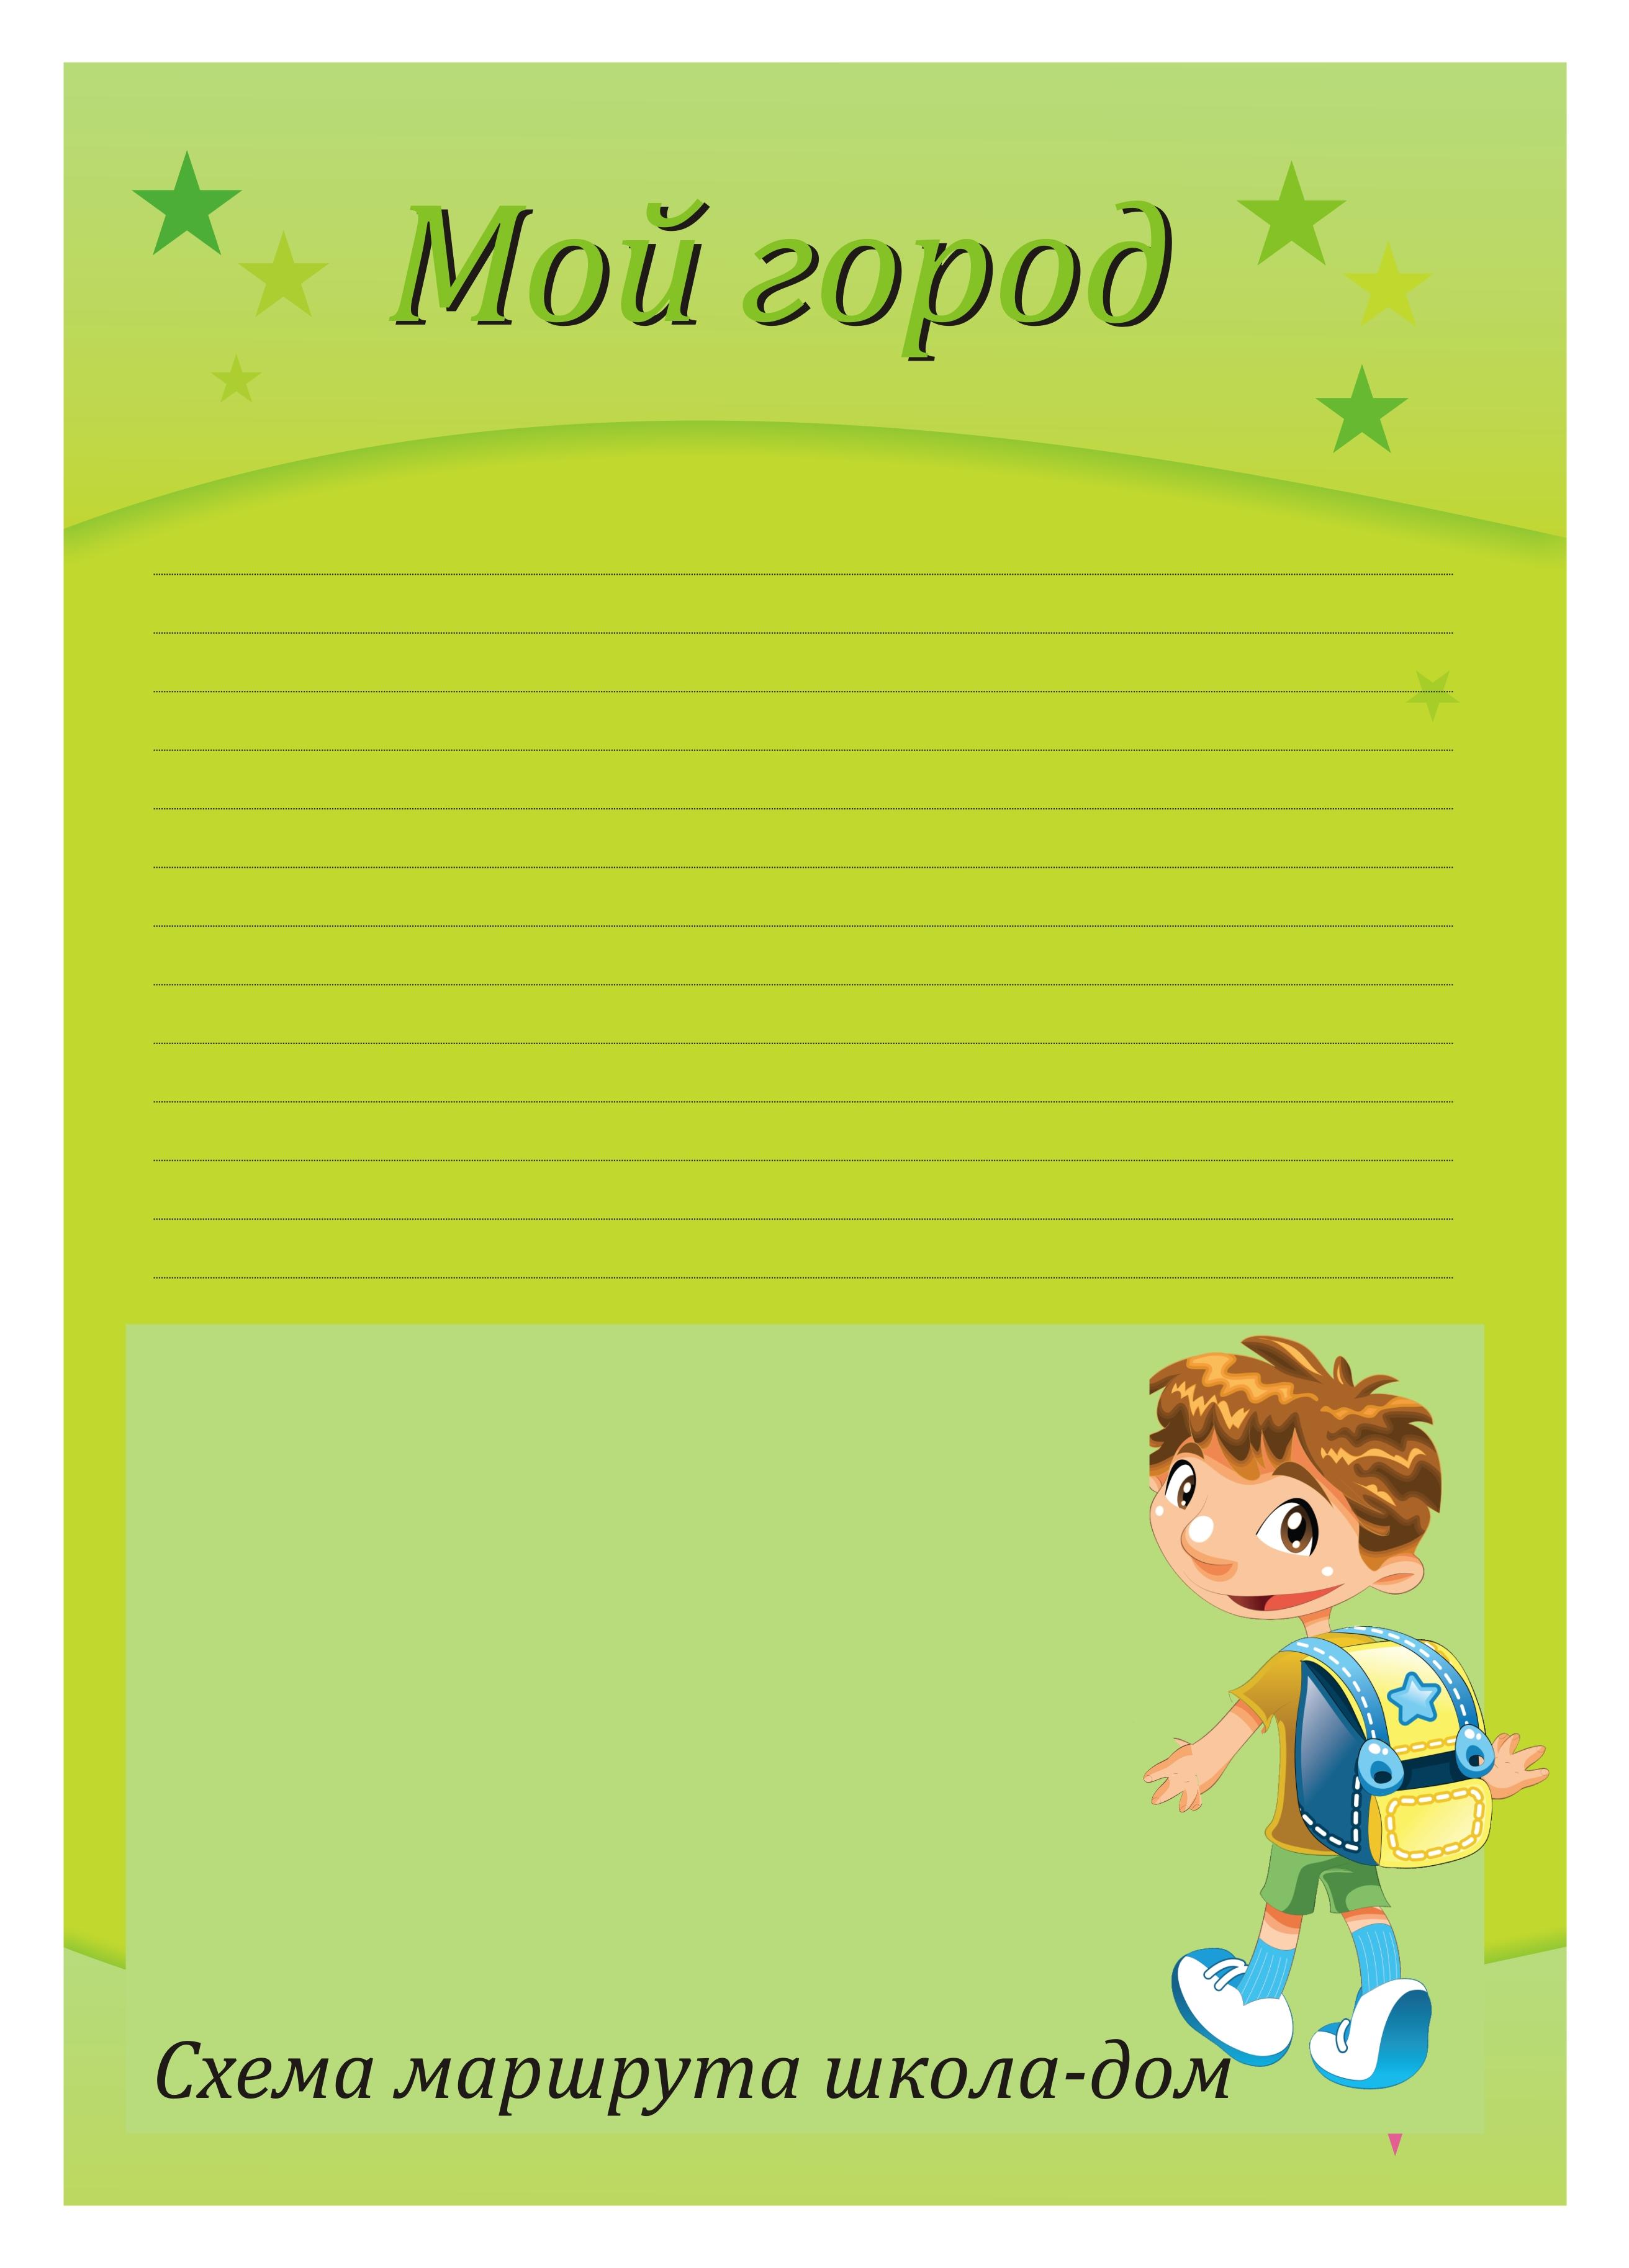 Портфель достижений ученика начальной школы 9 фотография